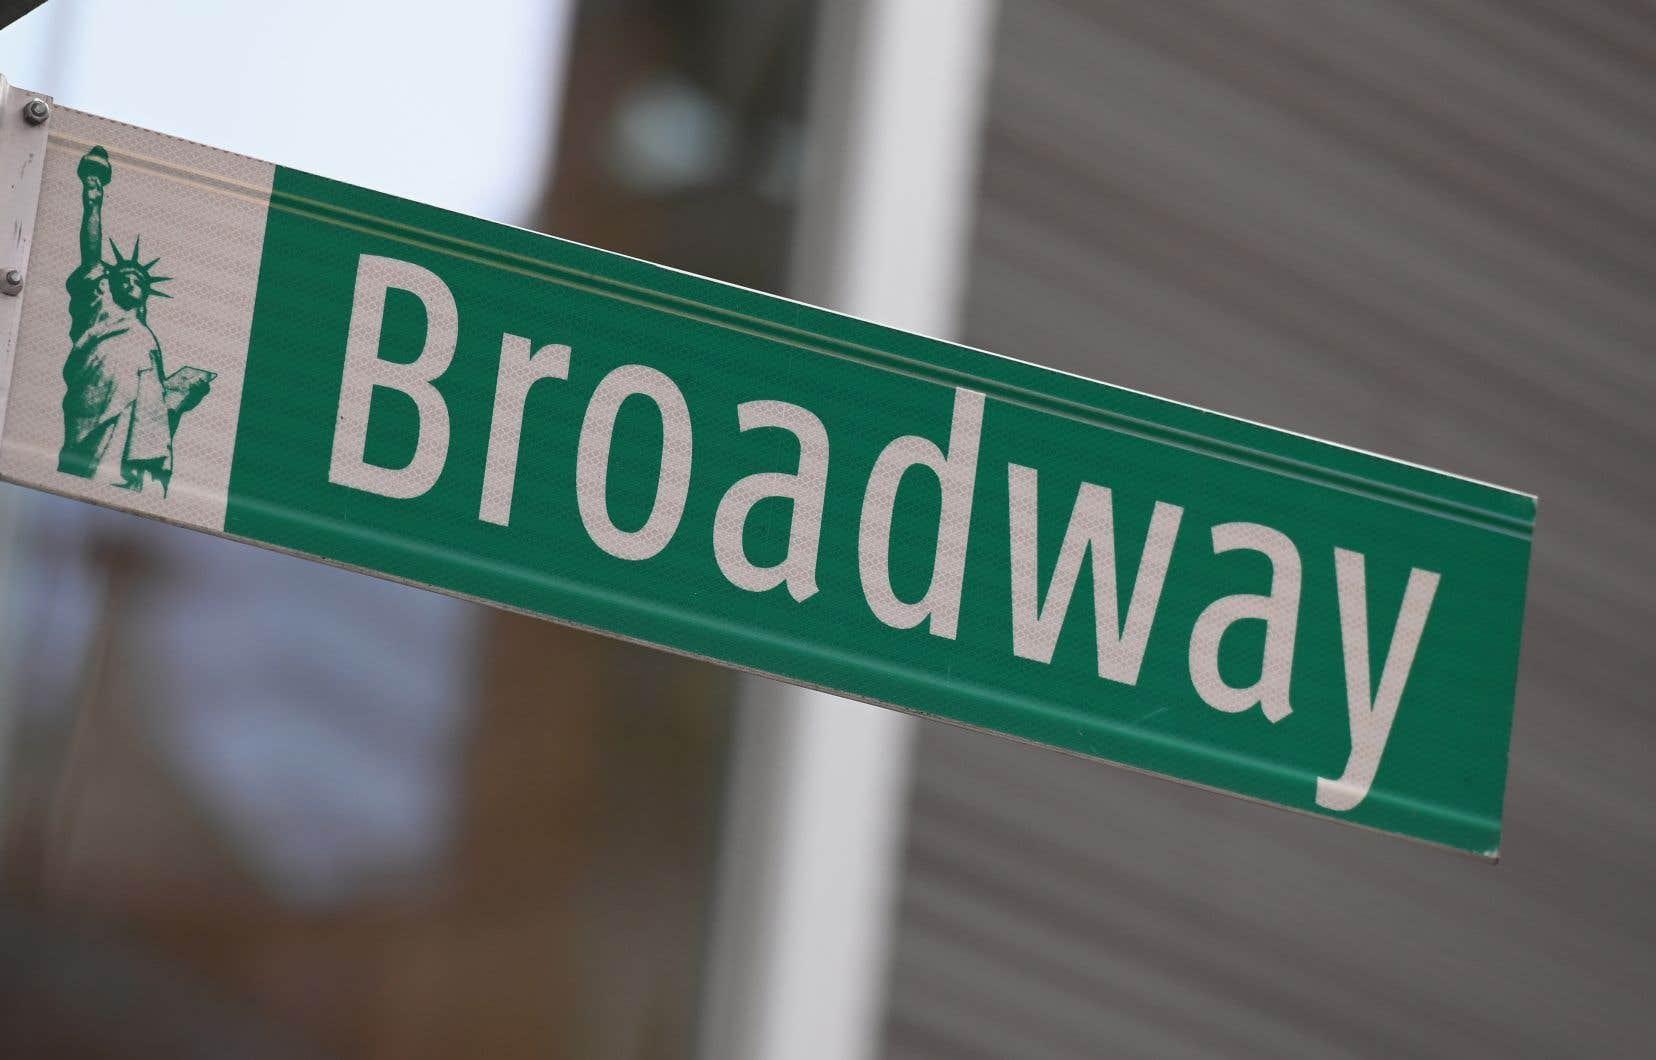 Les théâtres de Broadway, une des grandes attractions new-yorkaises, fermés depuis mars pour cause de pandémie, resteront fermés au moins jusqu'en janvier 2021.